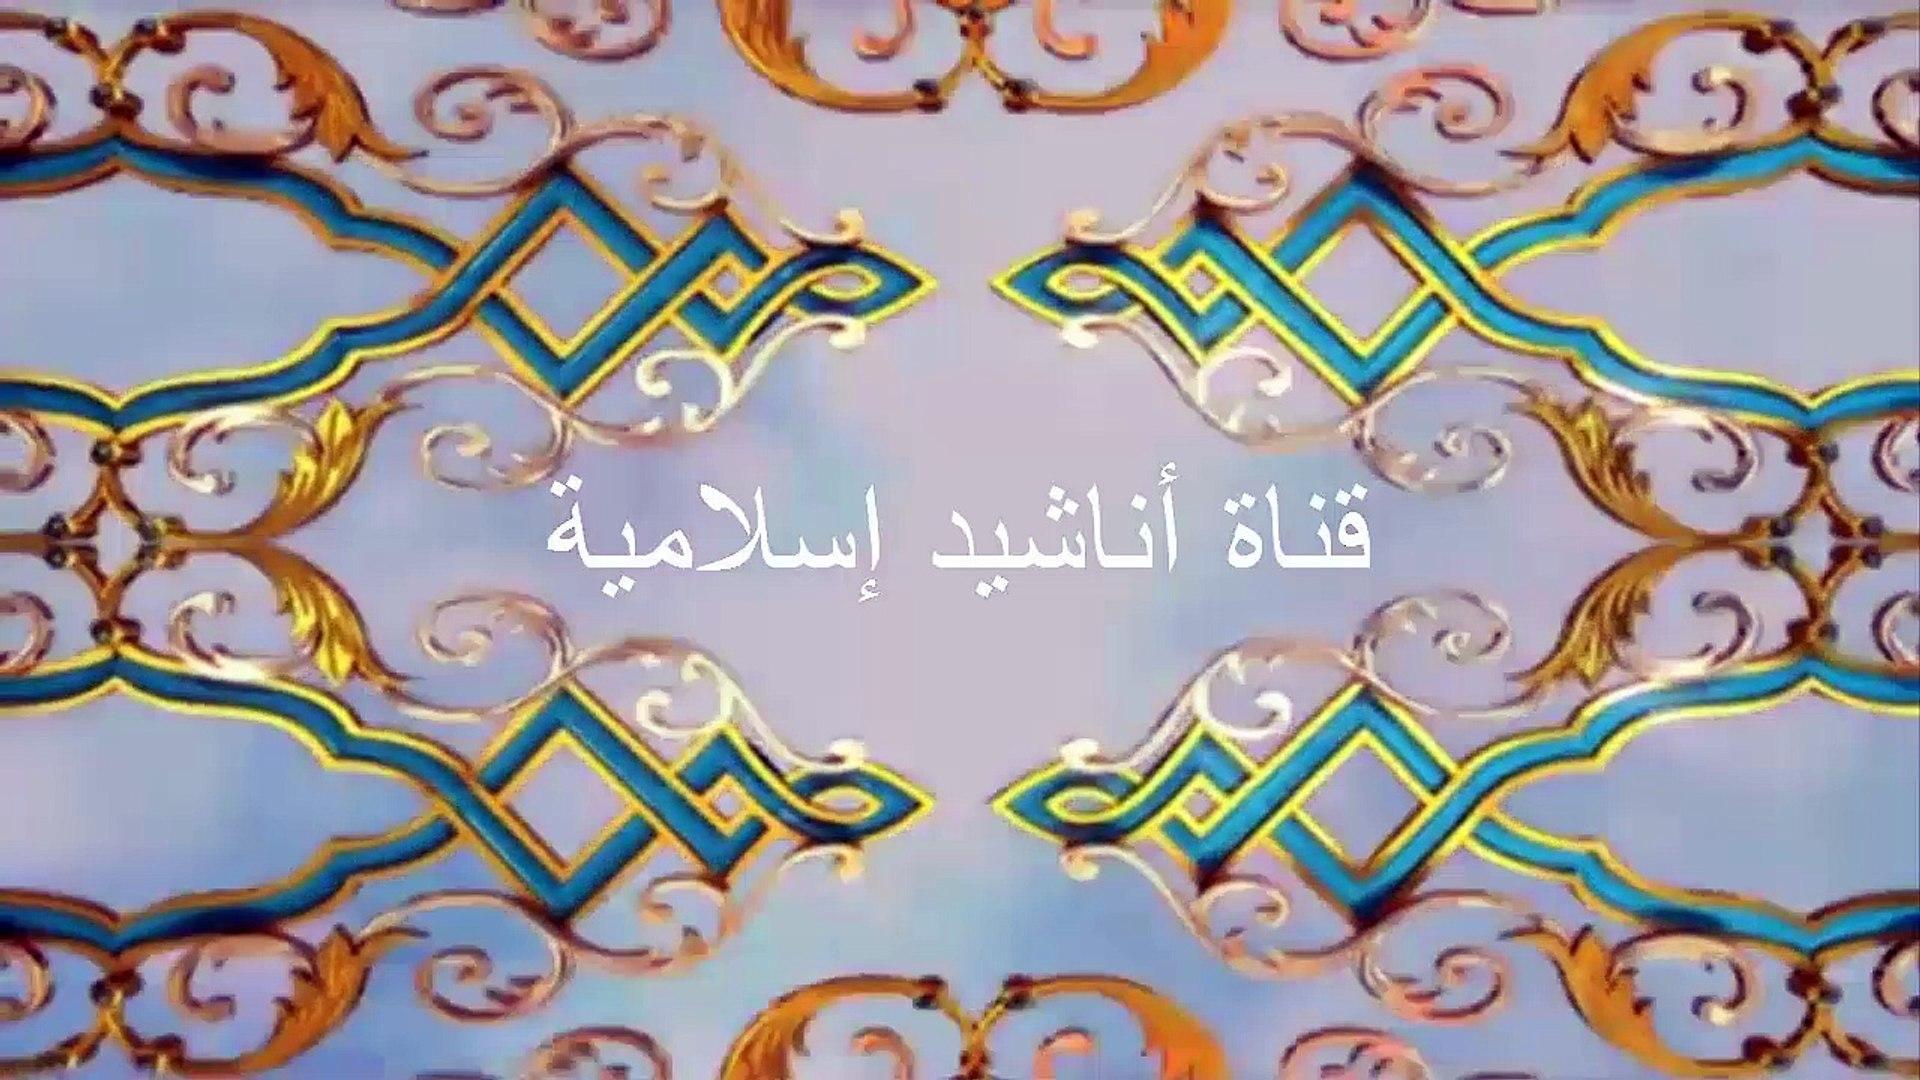 نشيد اسلامي رائع مدح النبي محمد صلى الله عليه و سلم